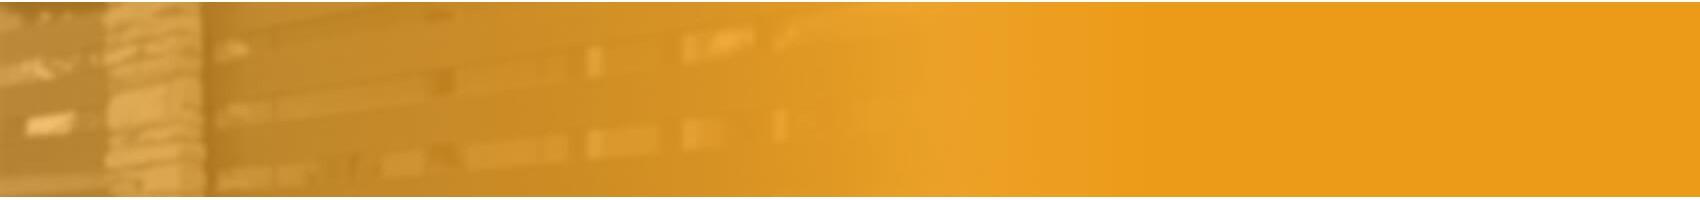 Warzywnik w skrzyniach - producent, pojemnik na warzywnik | Styrobud